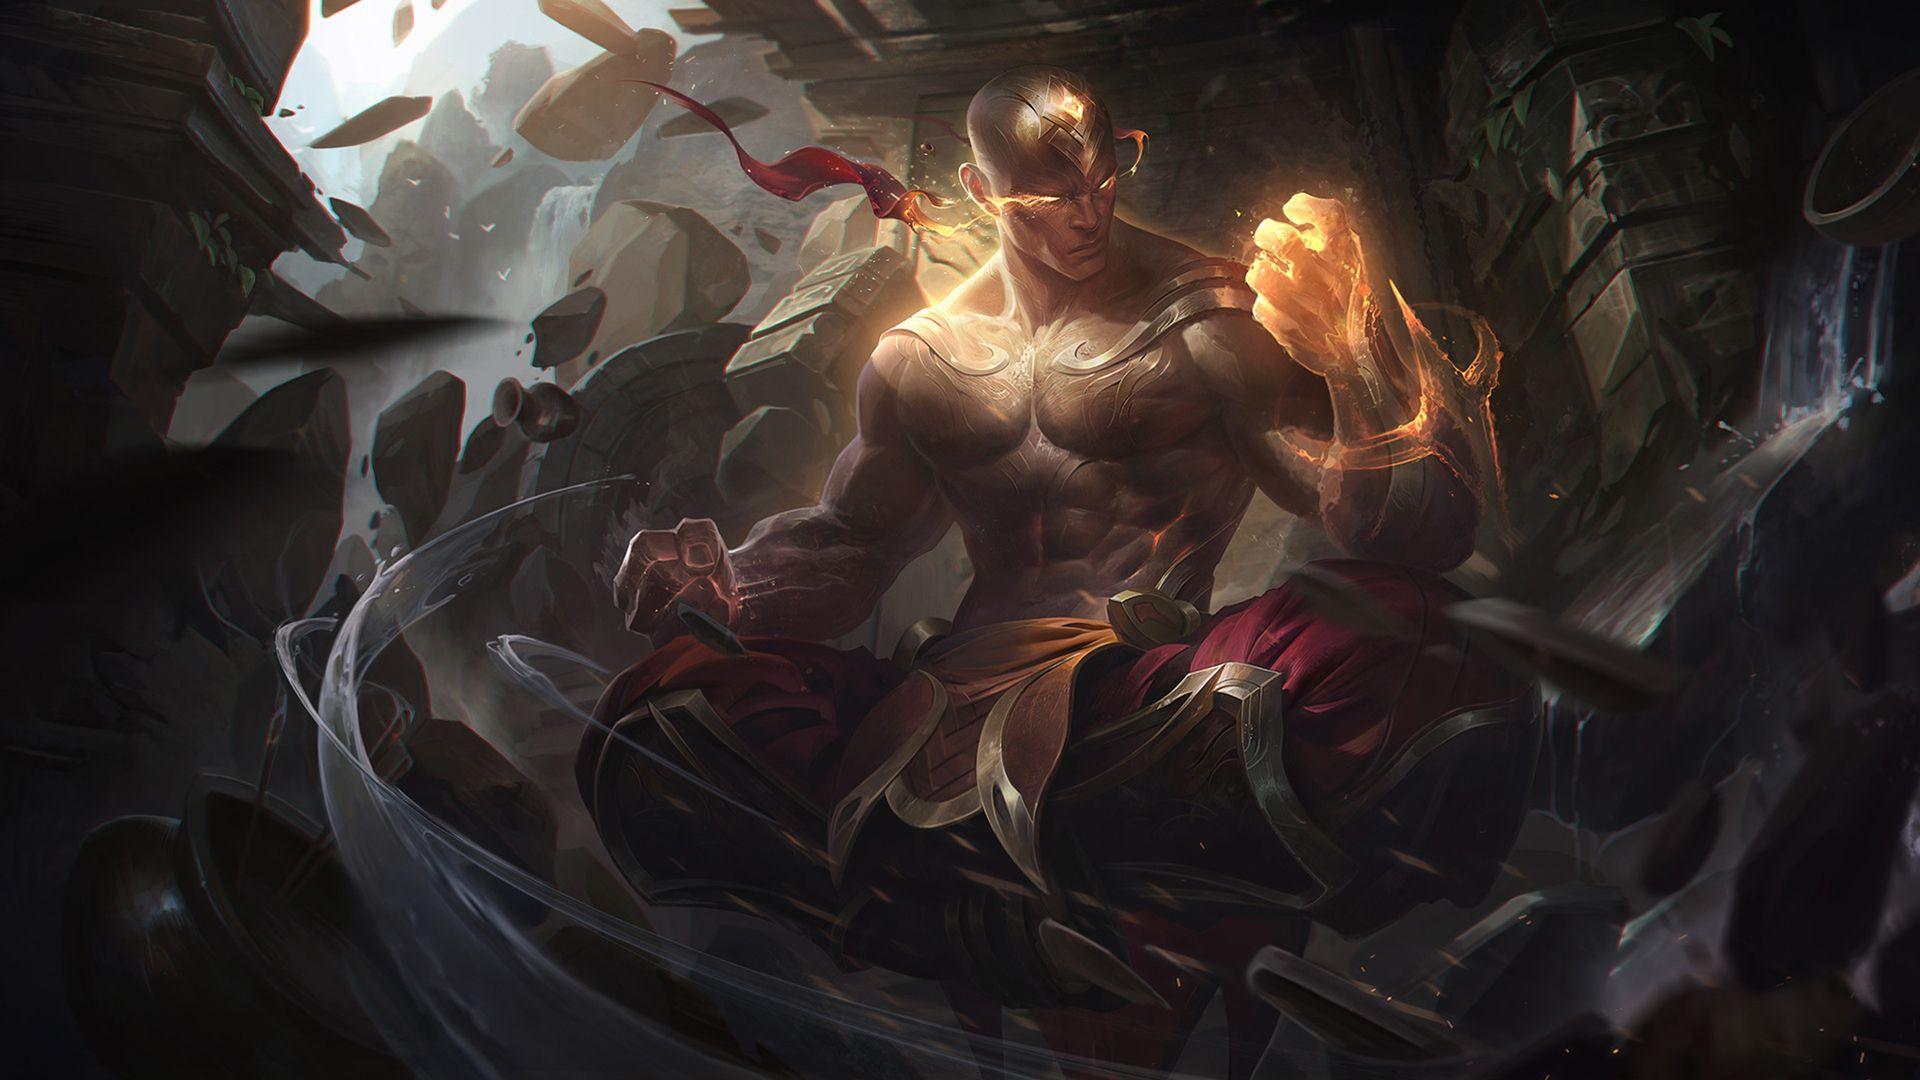 God Fist Lee Sin League Of Legends Artwork League Of Legends Characters League Of Legends Lol League Of Legends